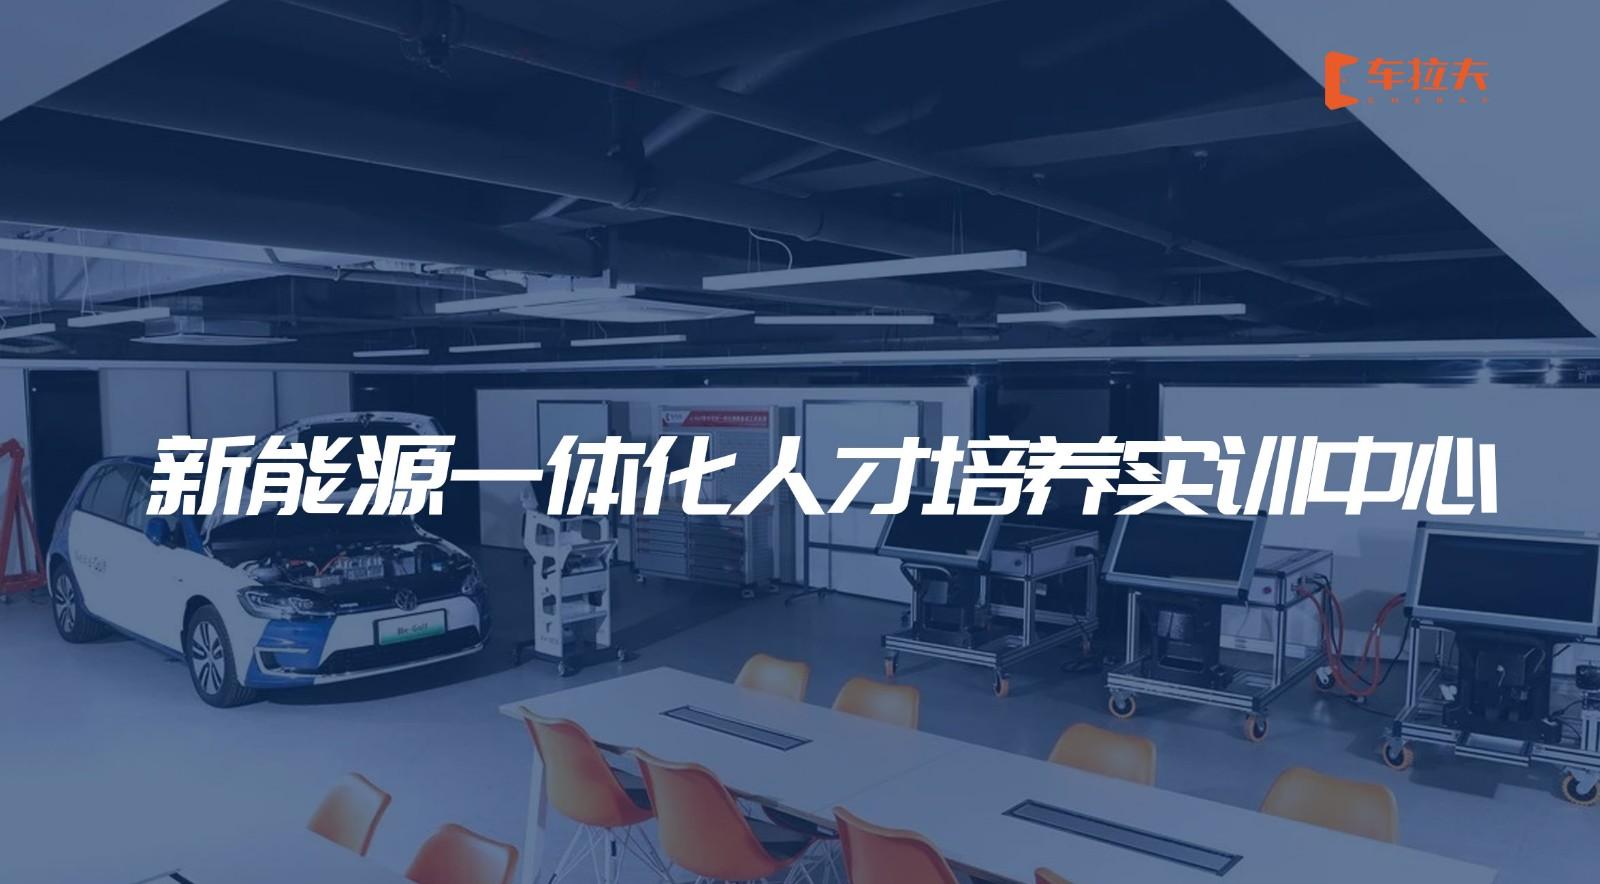 车拉夫新能源一体化竞博JBO中心闪亮登场,最新官宣VIDEO了解一下!